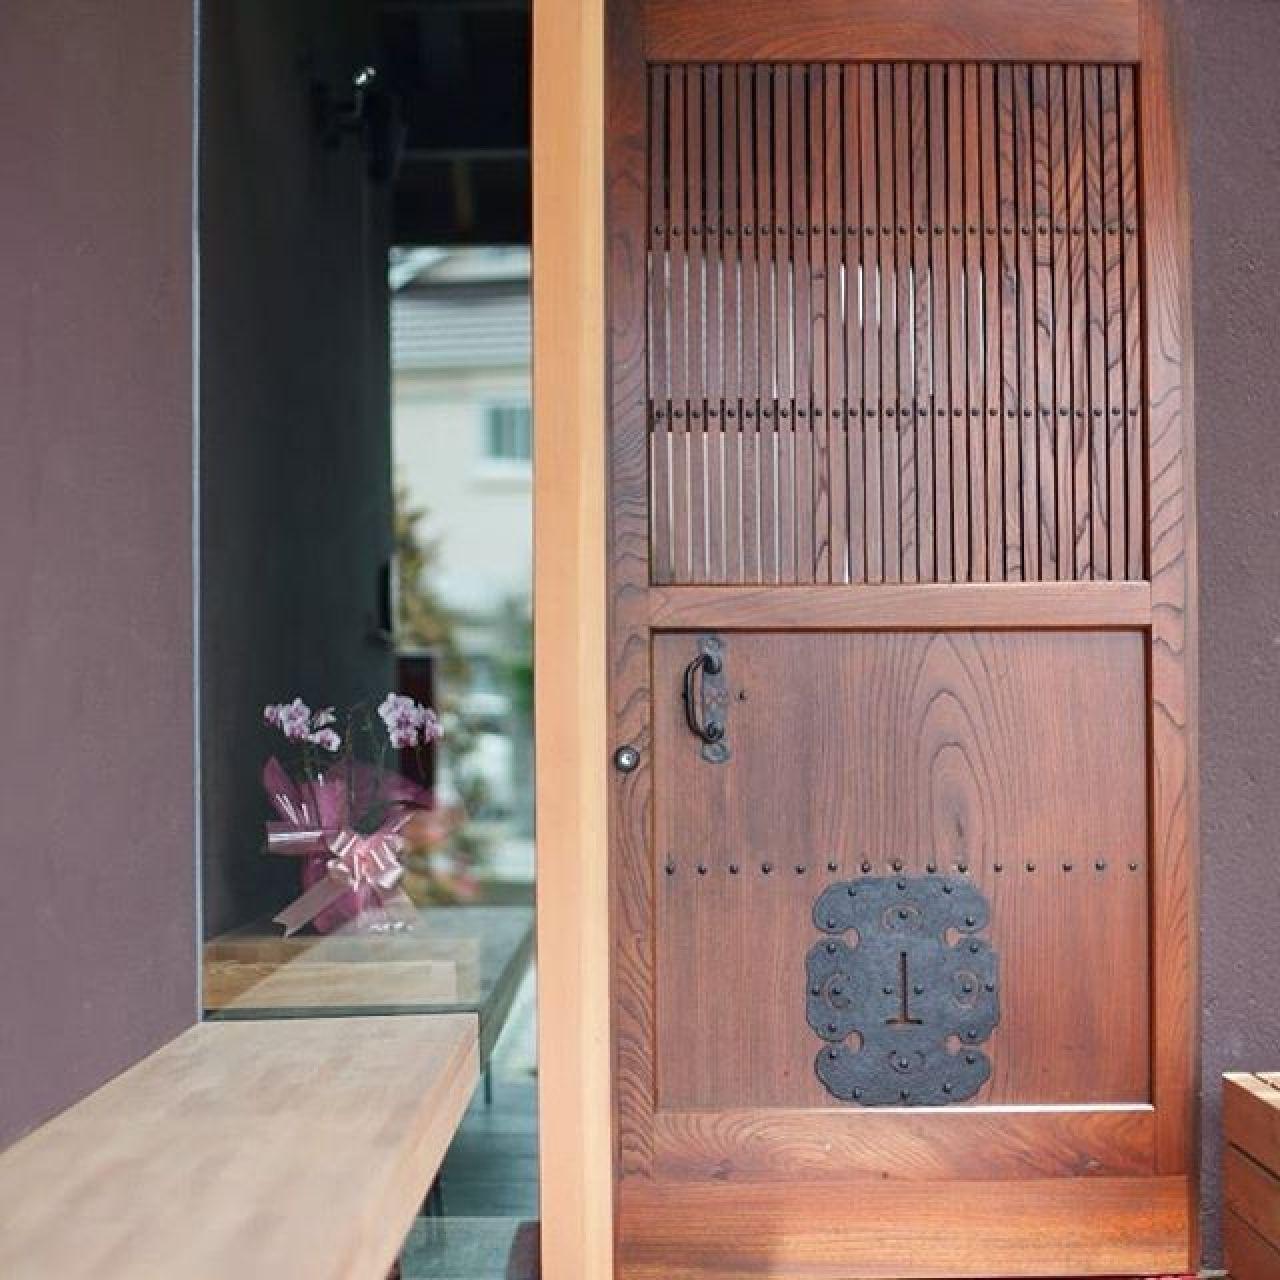 古民家の建具を玄関ドアにしました。木建具もしっかり造られたものは100年以上もちますね。#古民家#建具#けやき#玄関#木製ドア#移築#自然素材#注文住宅#住ま居る#ニコ設計